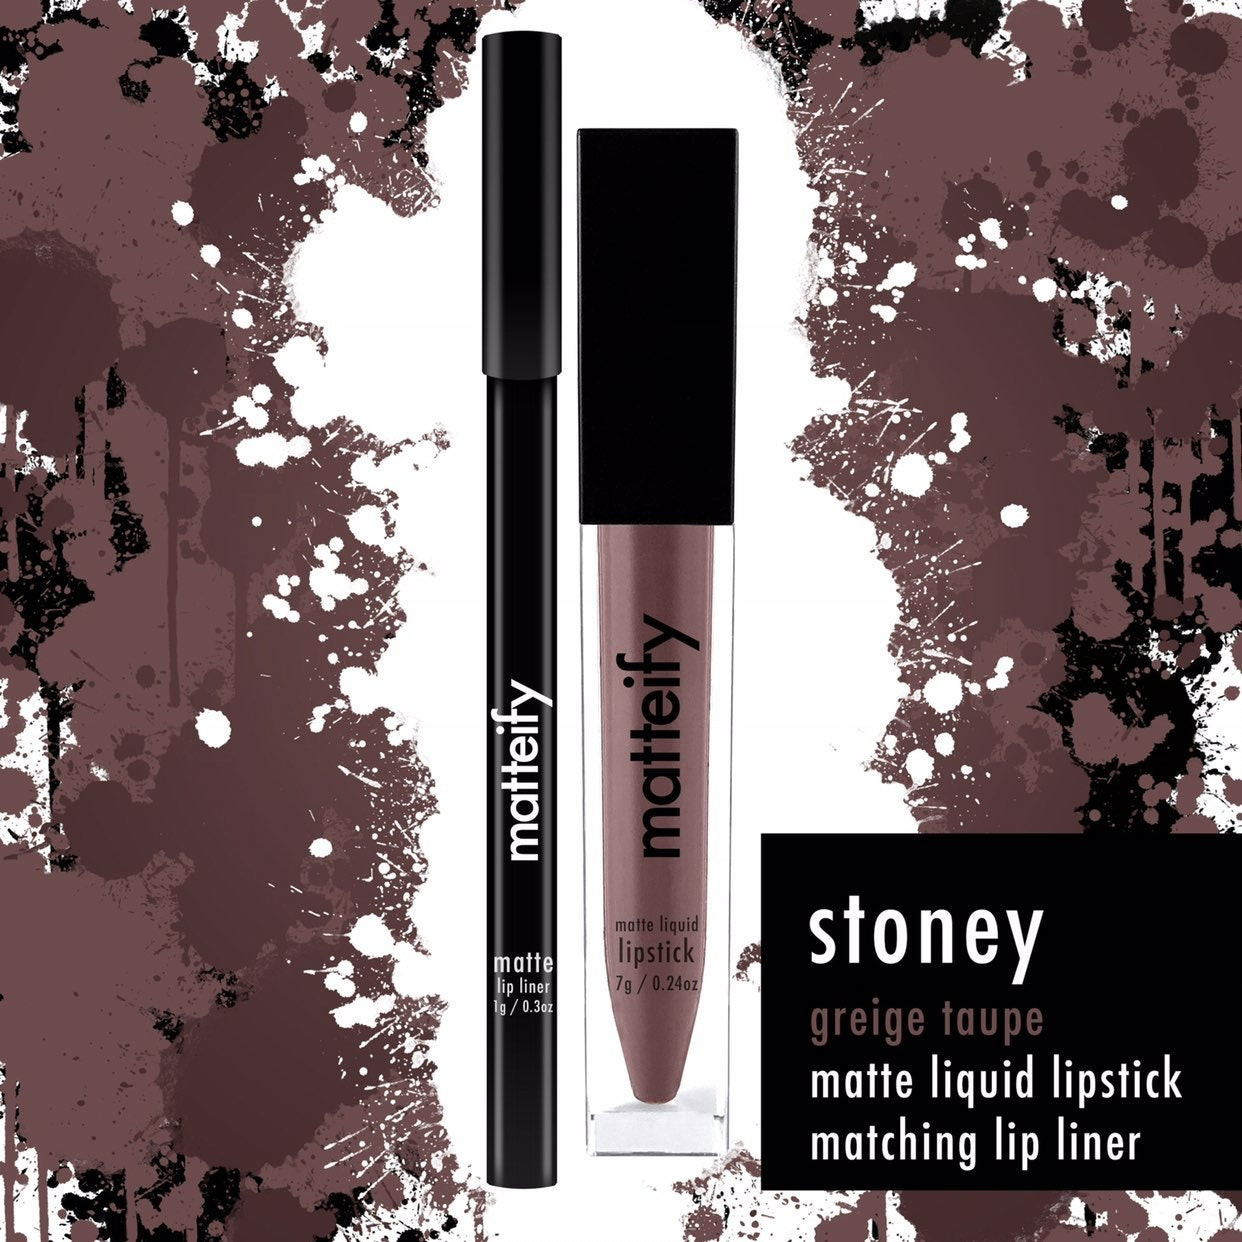 Matteify stoney lip kit